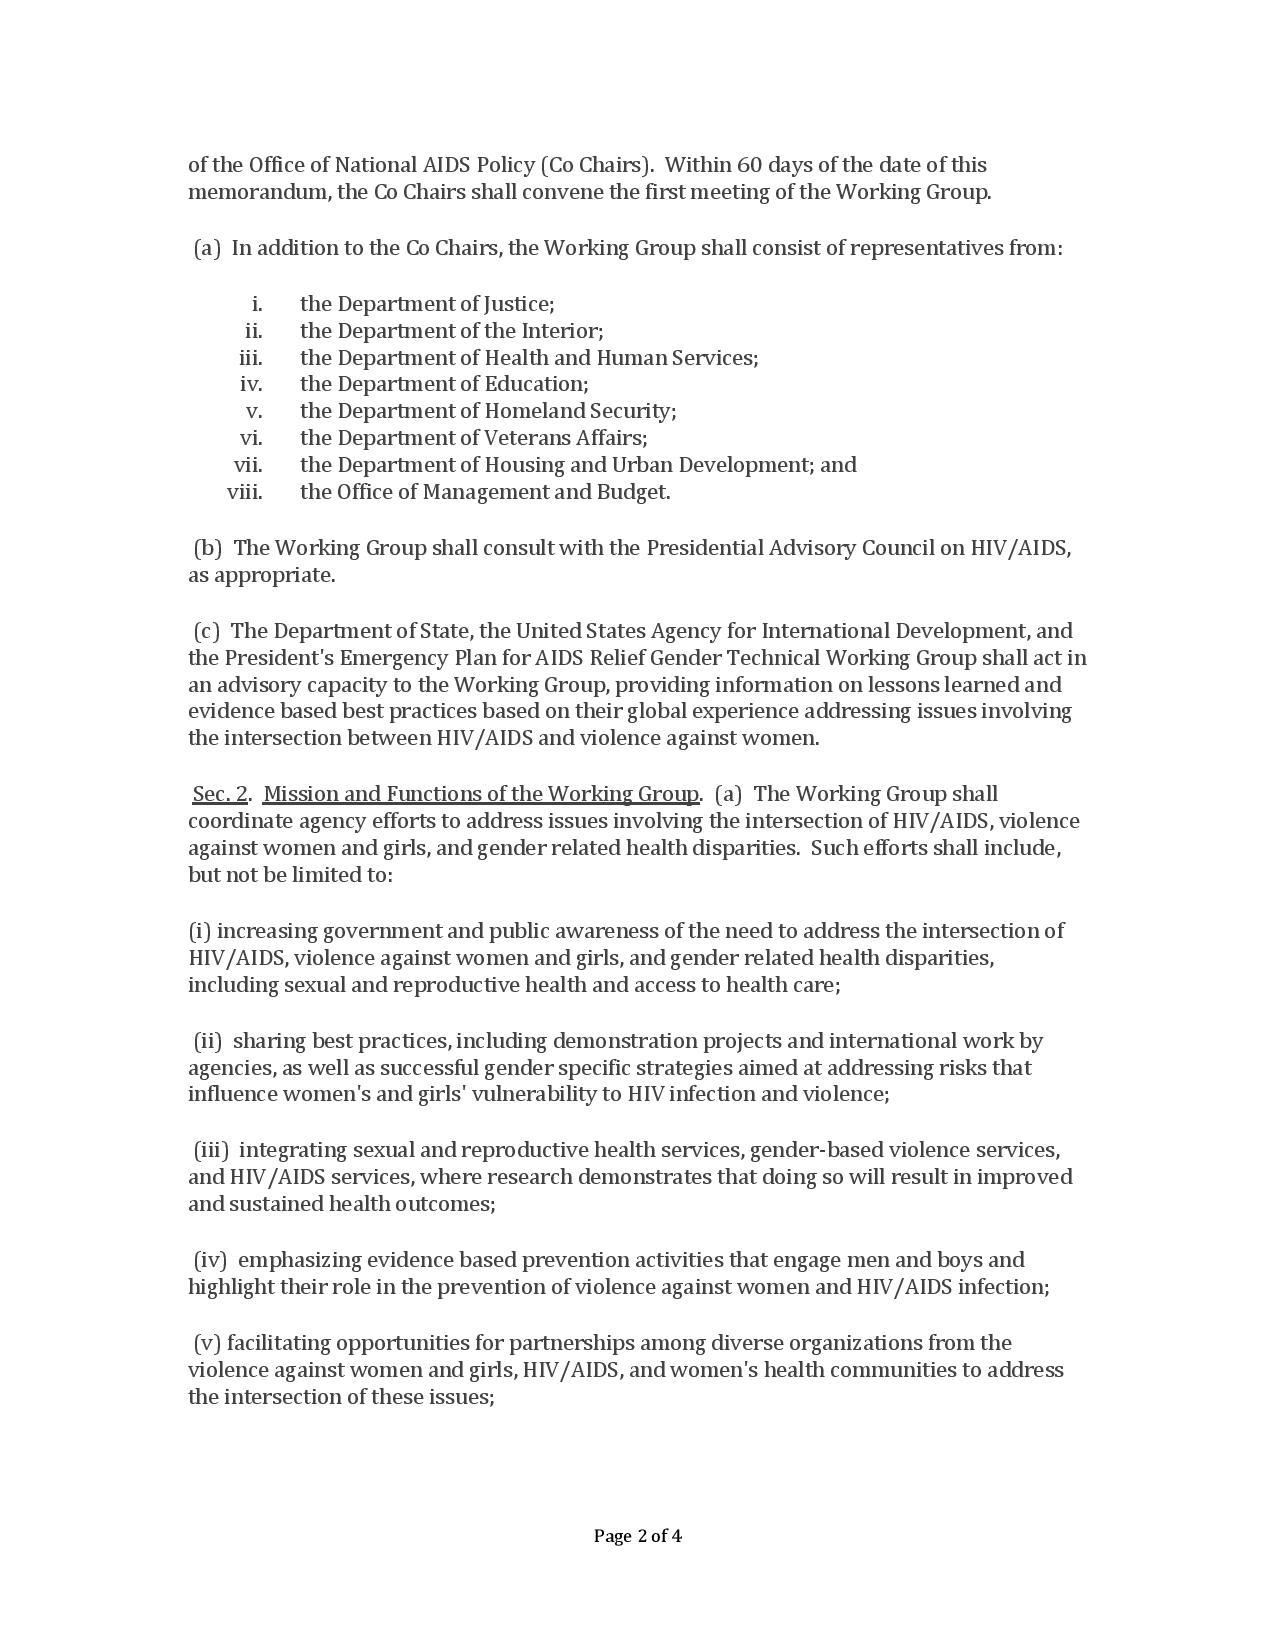 WH_PresMemo-EstabWrkgGrpIntersectionHIV-AIDS-VAWandGirlsandGender-RelatedHealthDisparities_3-30-2012-page-002.jpg